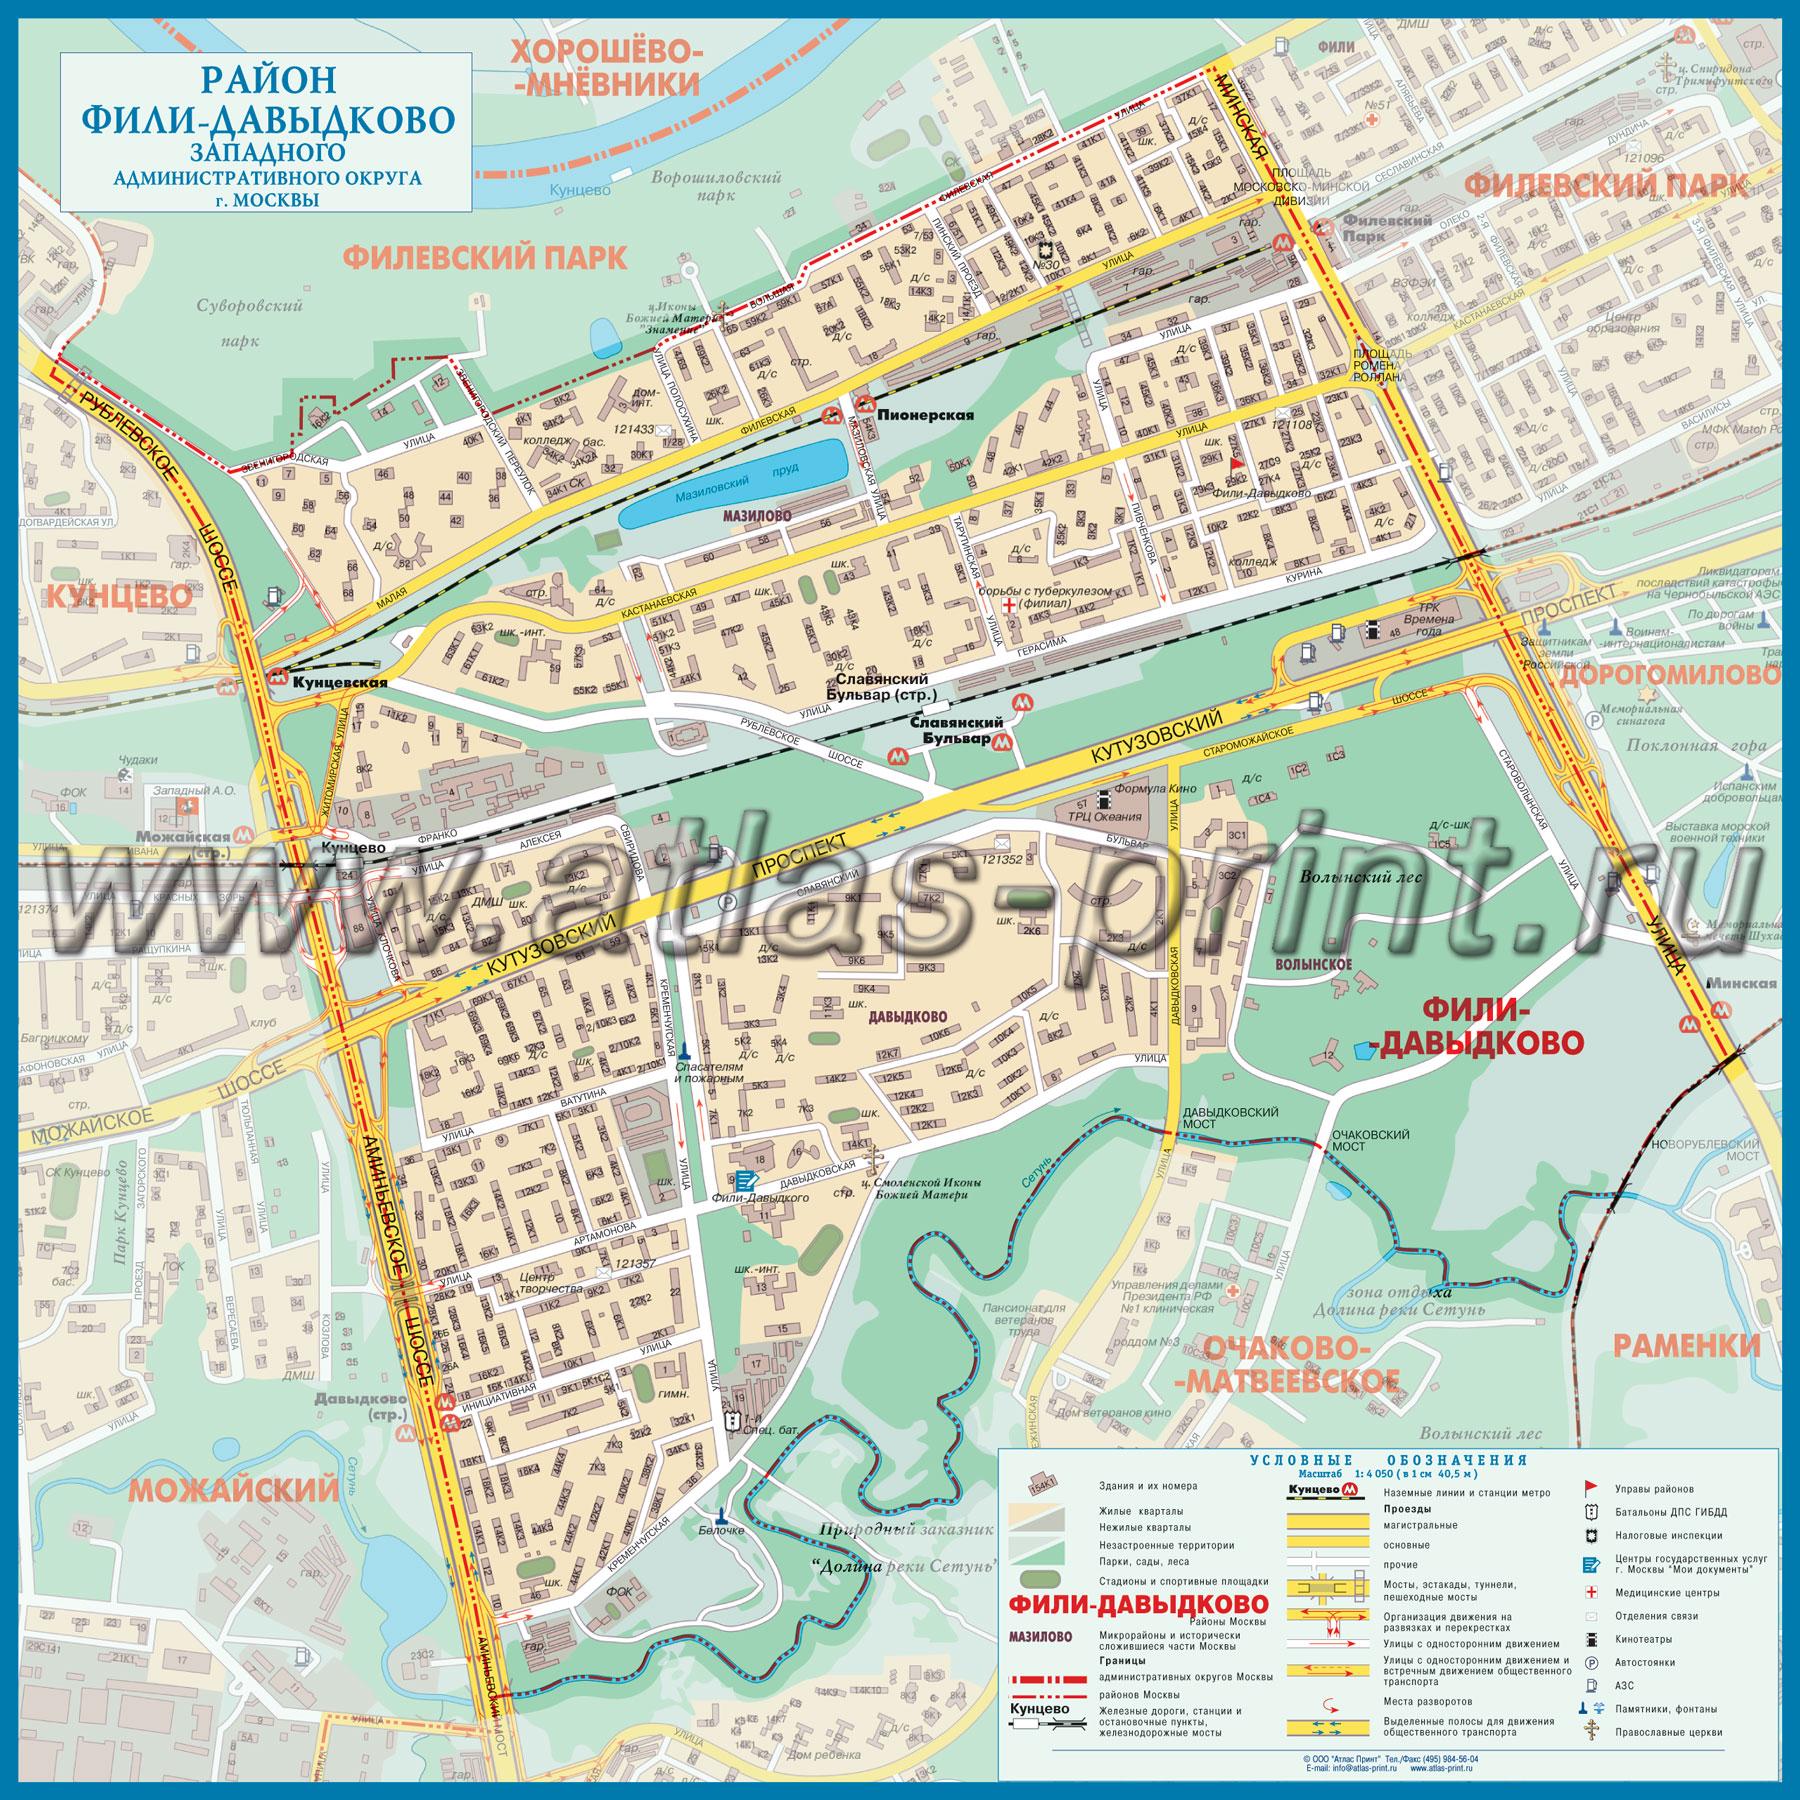 Настенная карта района Фили-Давыдково г.Москвы 1,00*1,00 м, ламинированная